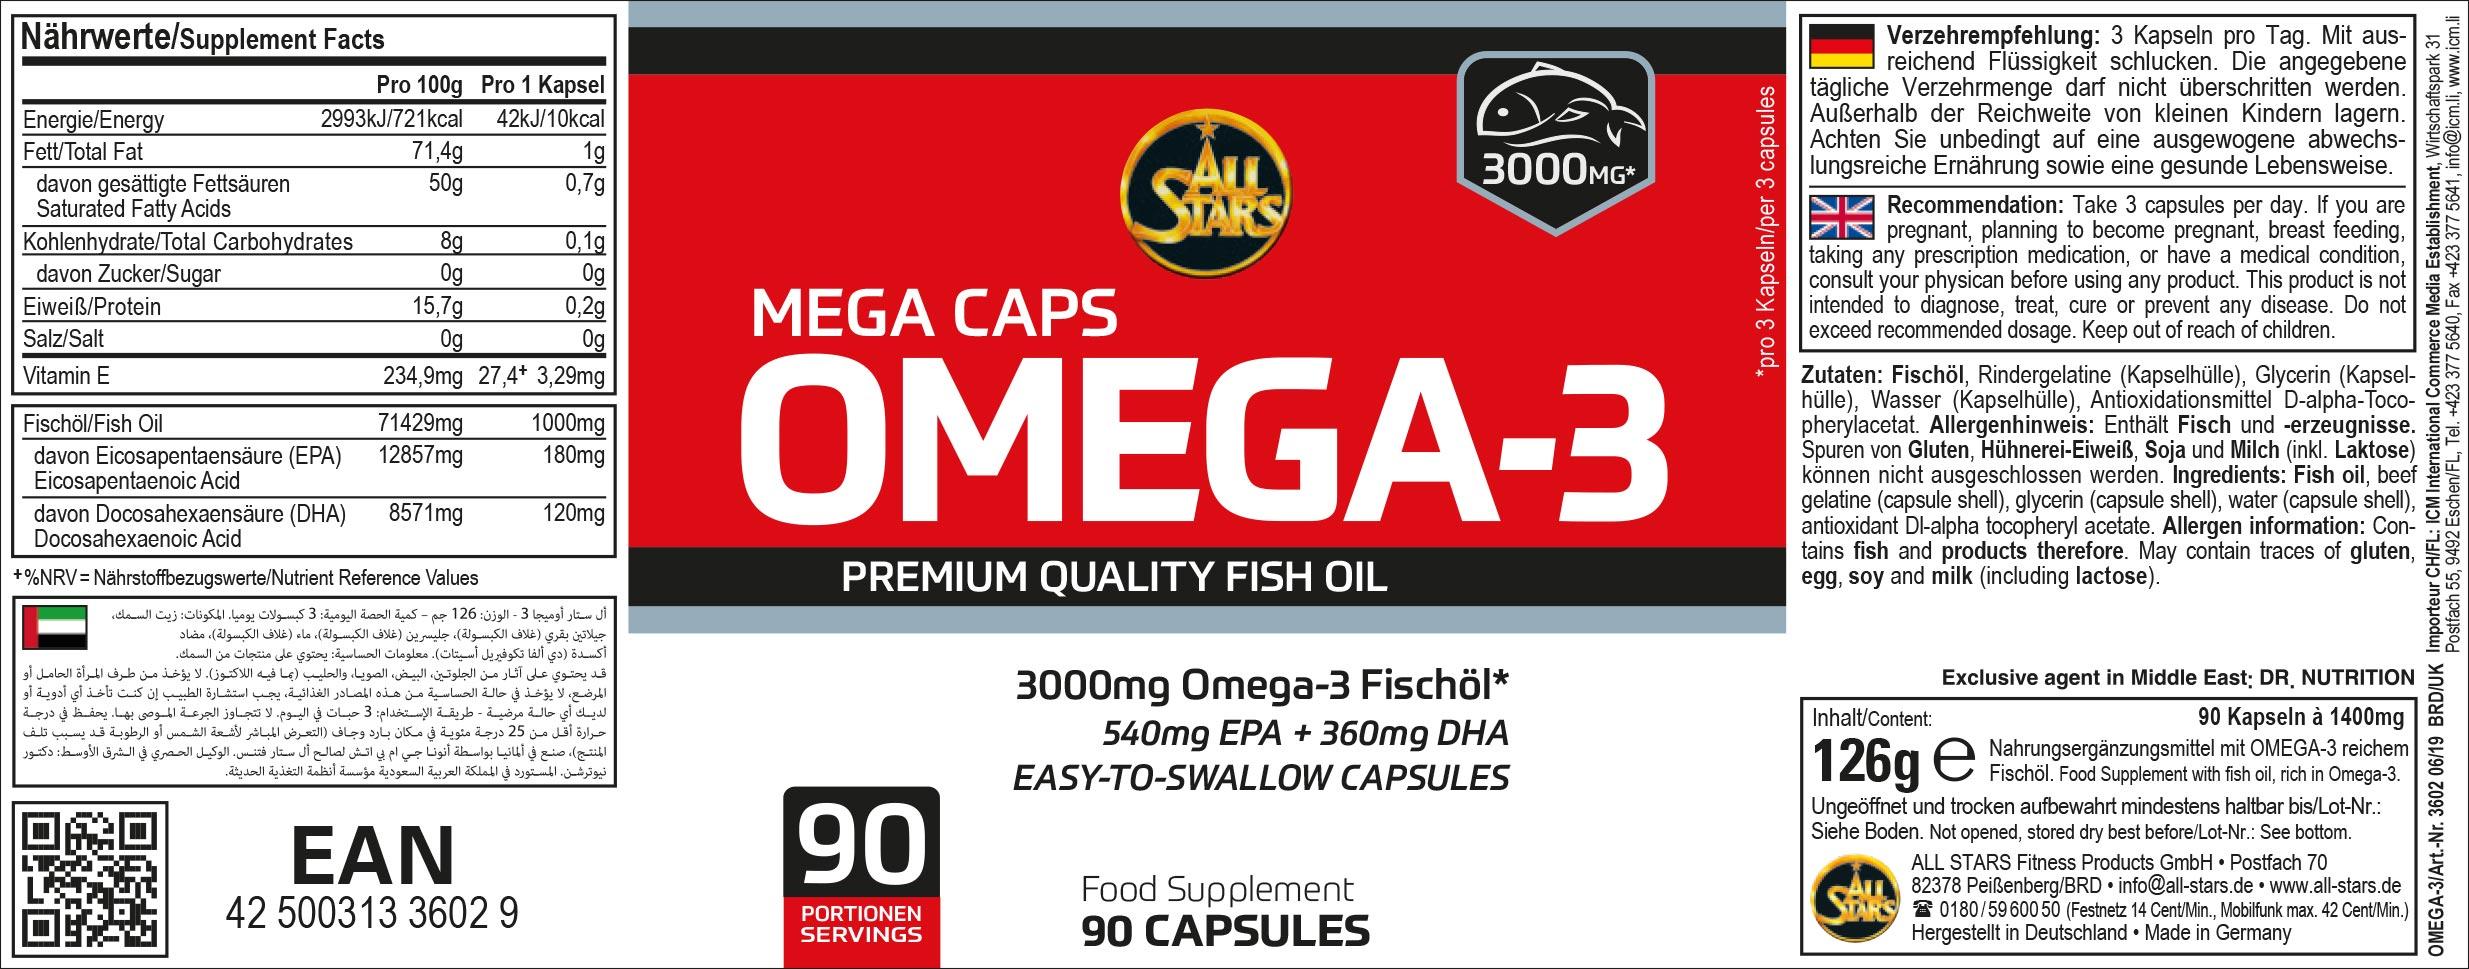 OMEGA-3-1O94Xr0fO4x13Y